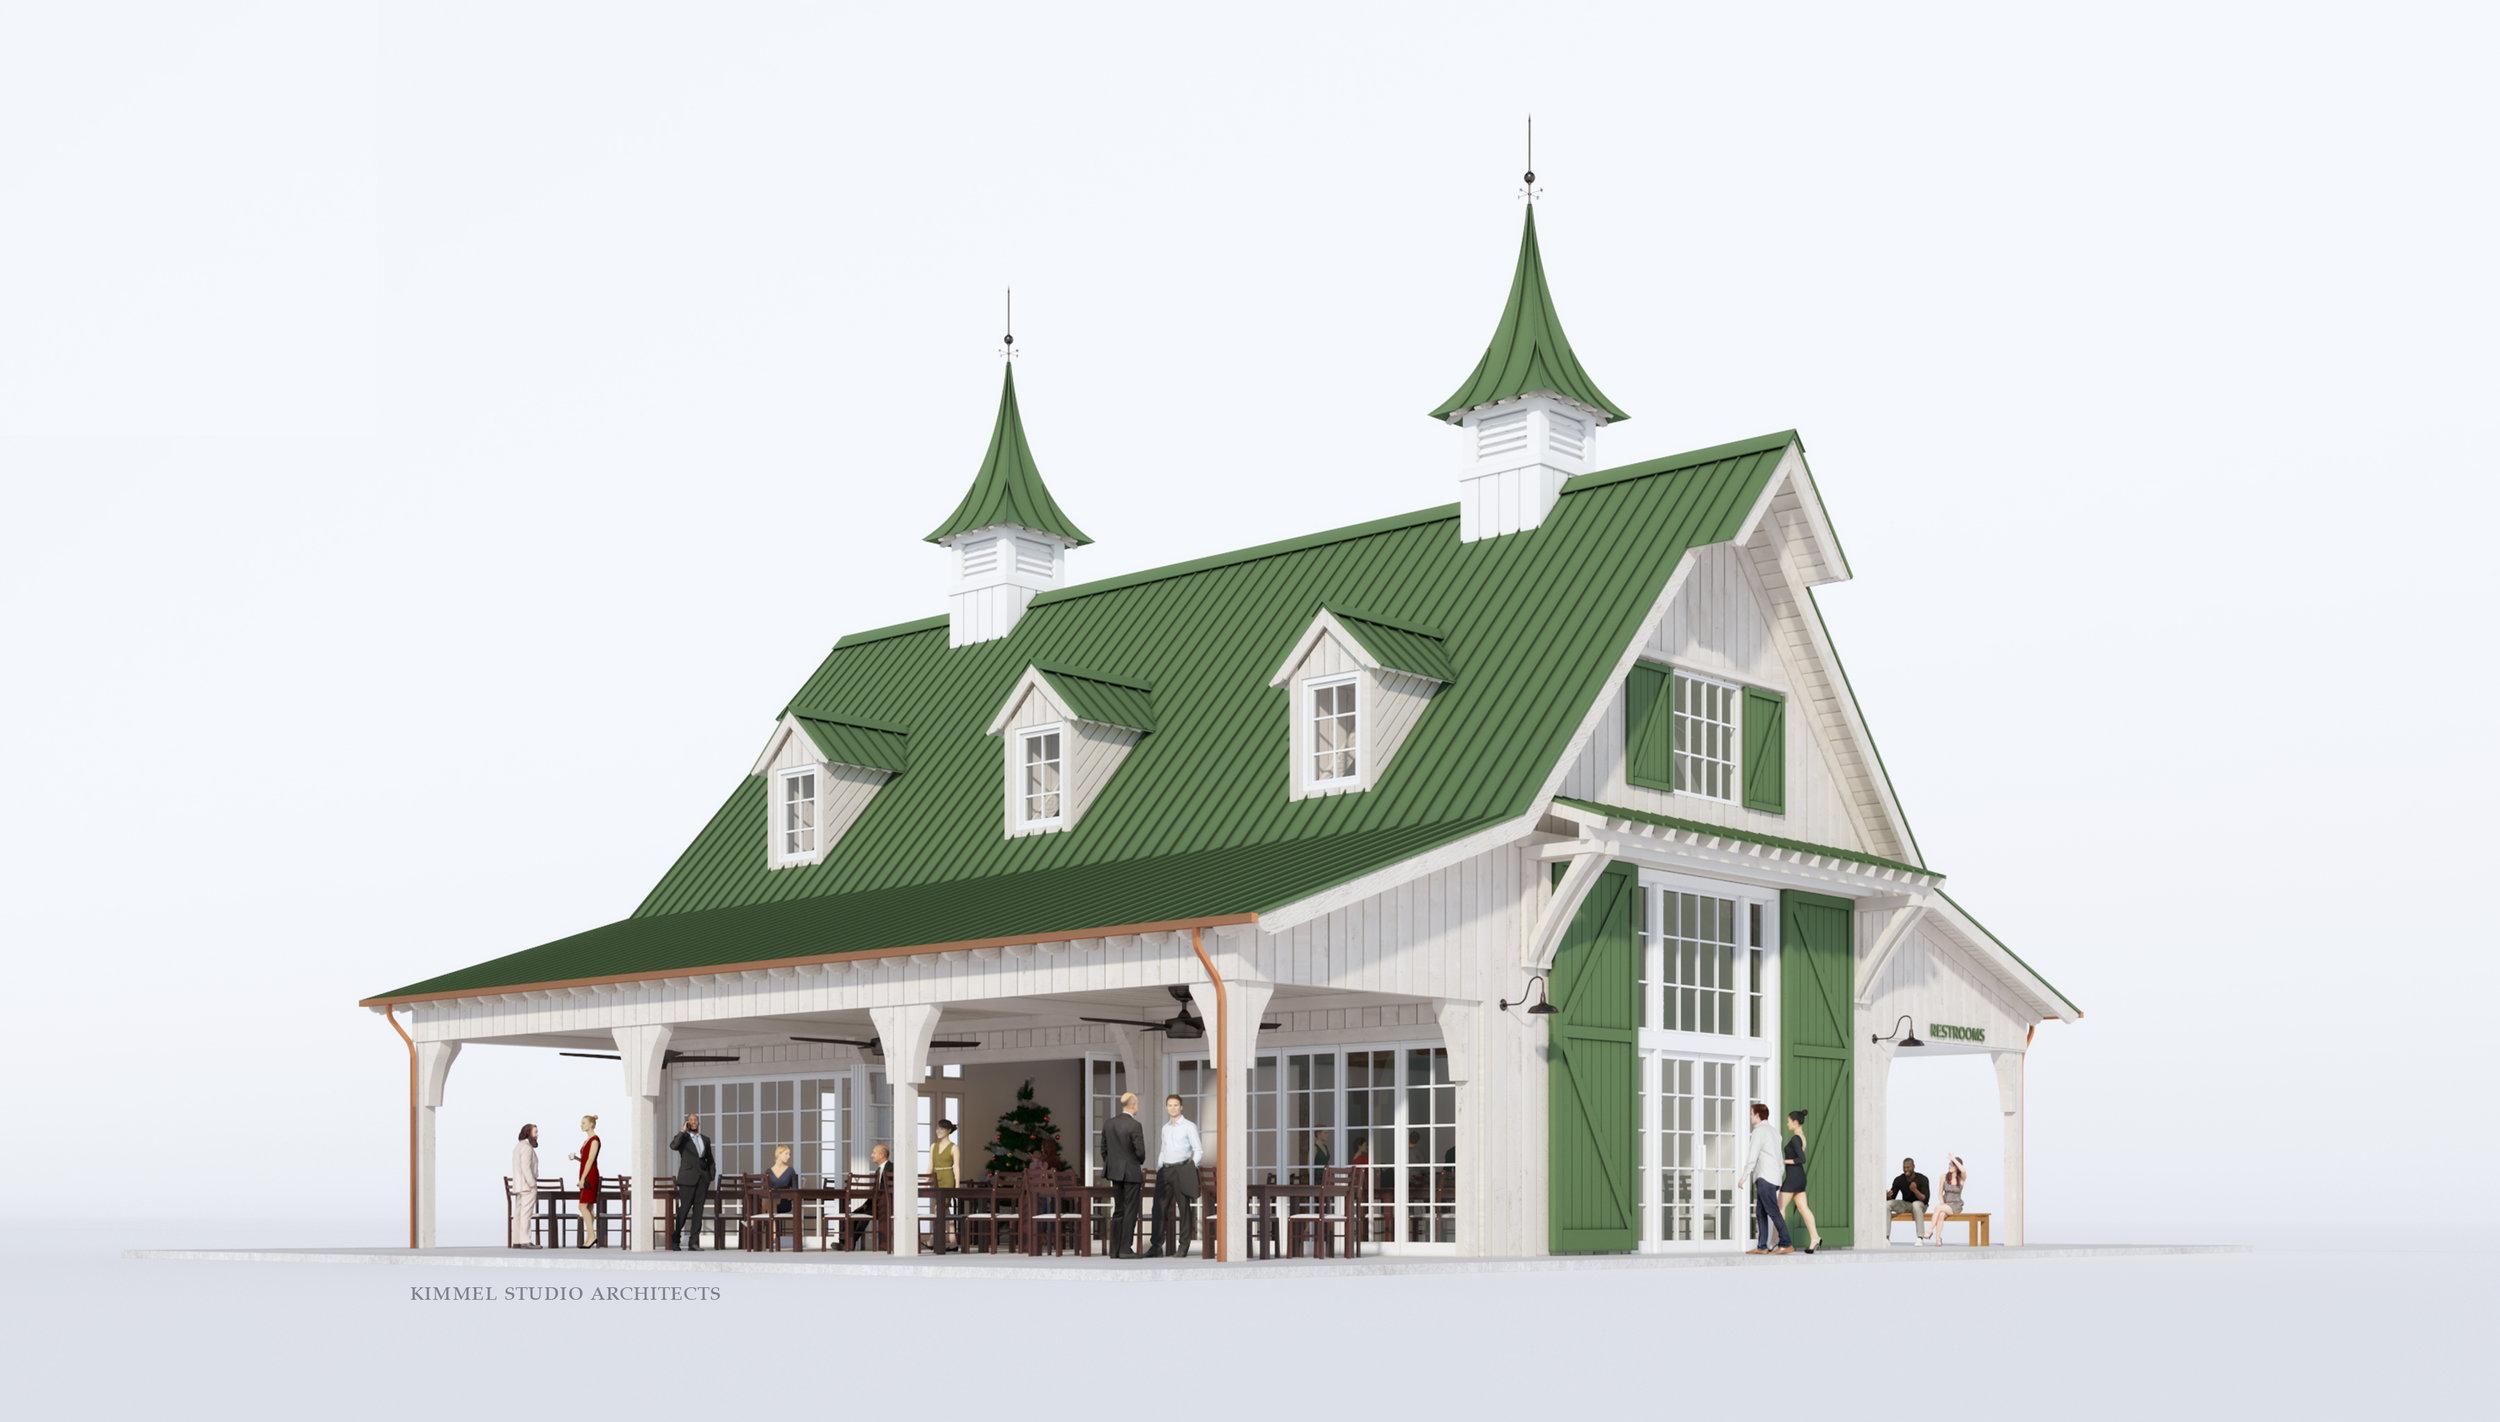 2018.12.21 Study Kimmel Studio Architects.jpg